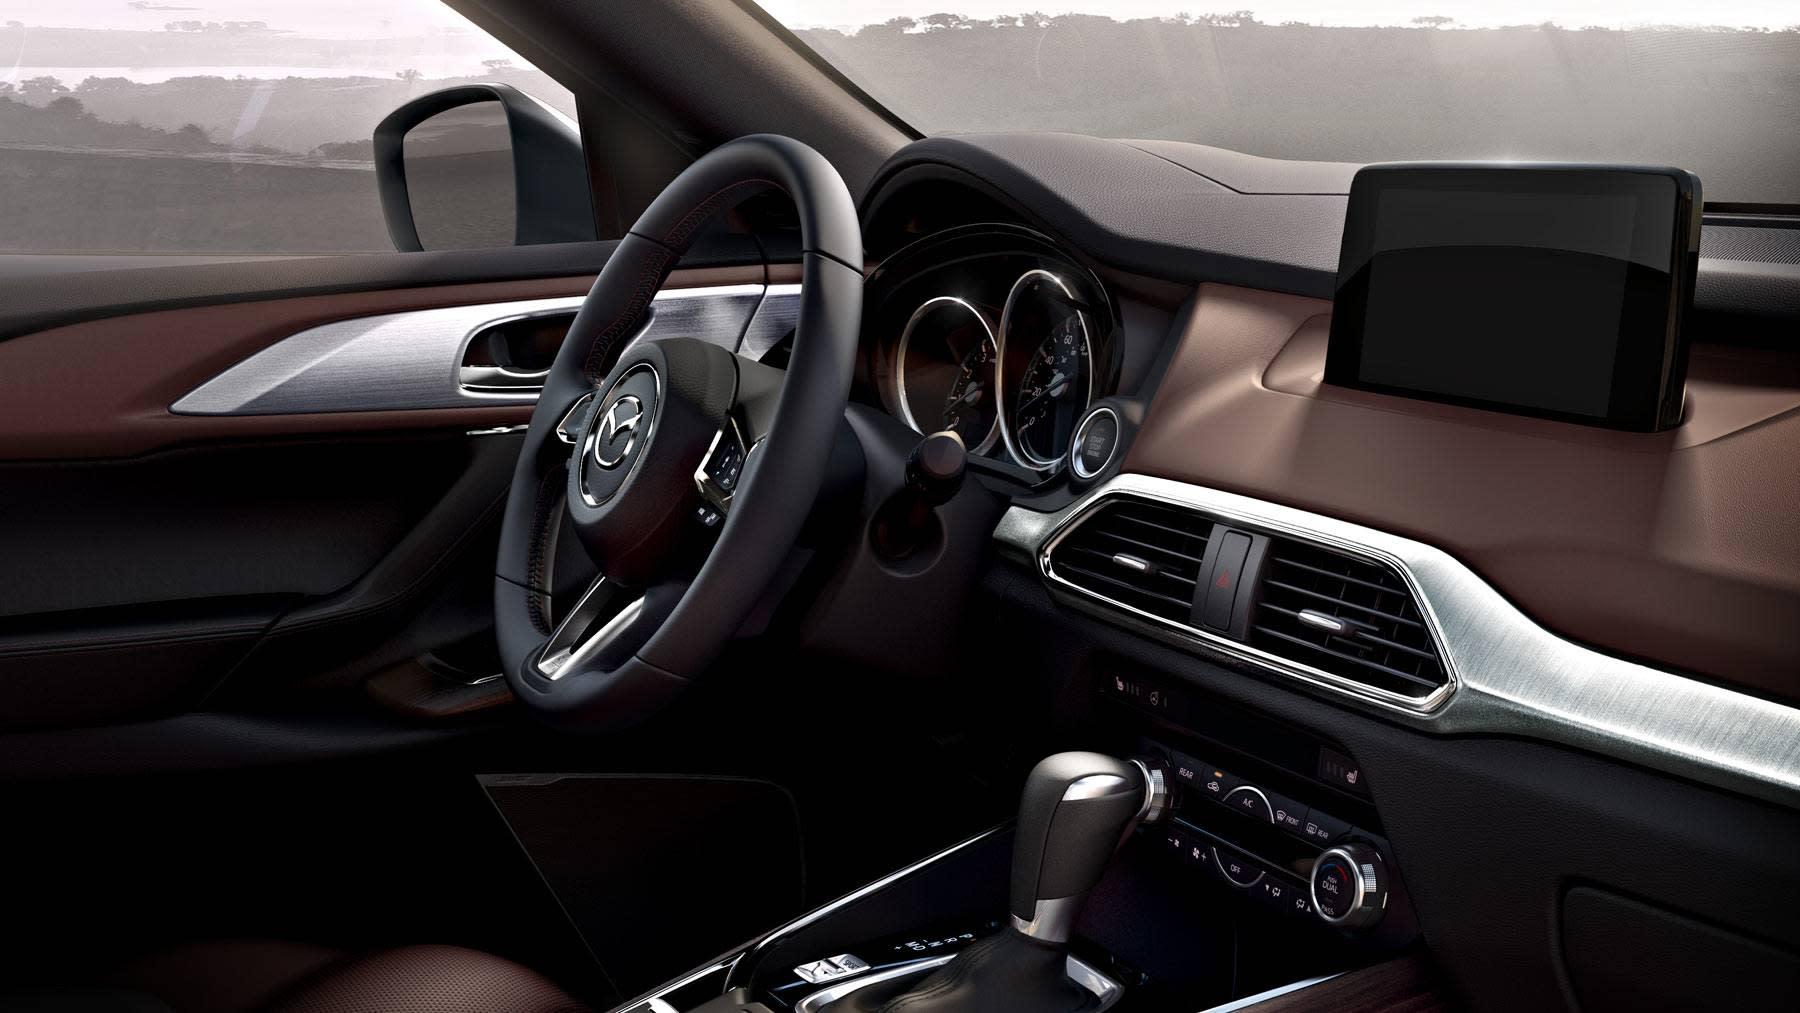 2019 Mazda CX-9 Cockpit